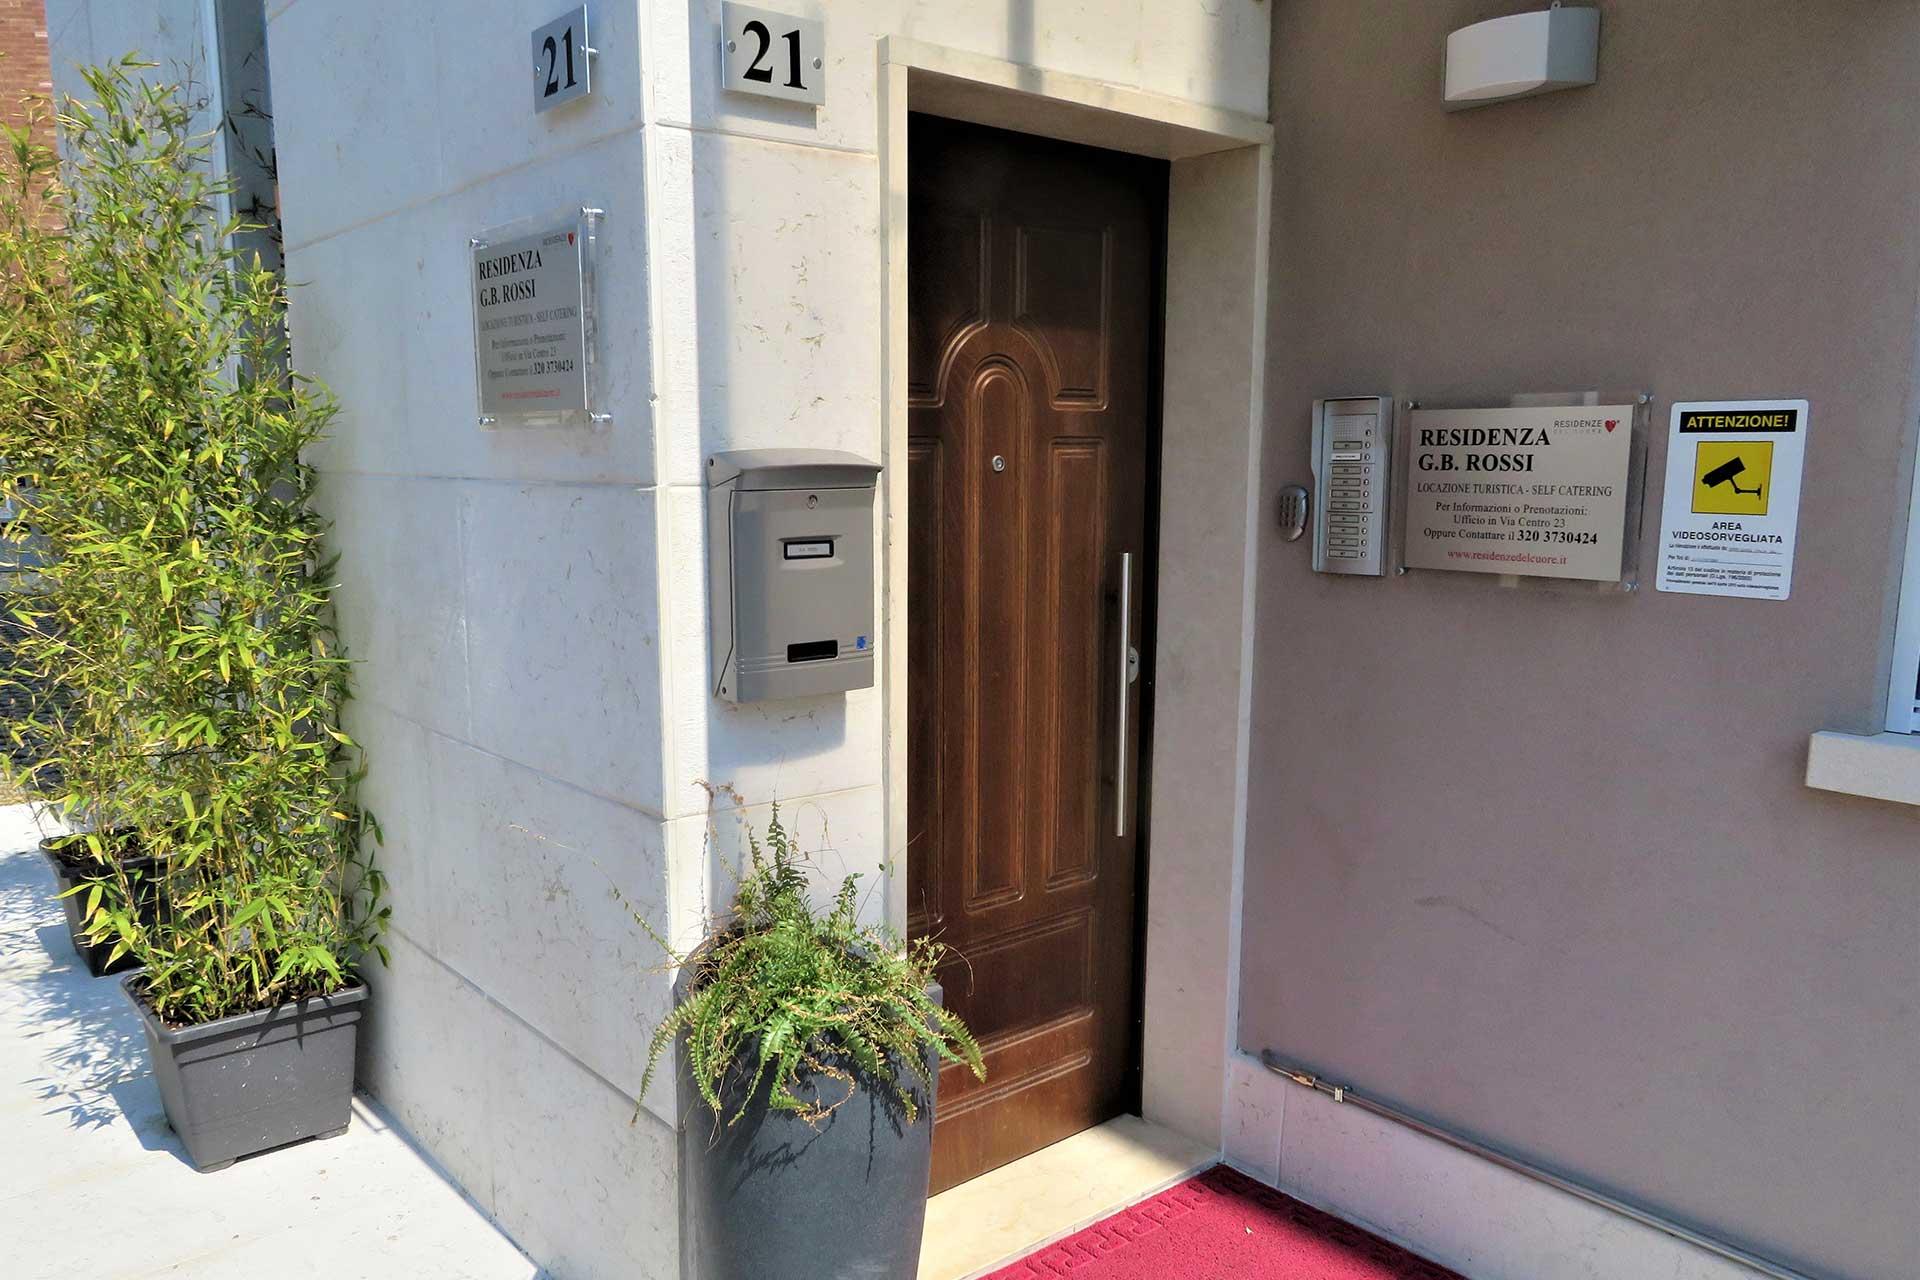 Entrata della Residenza GB Rossi di borgo roma, Verona